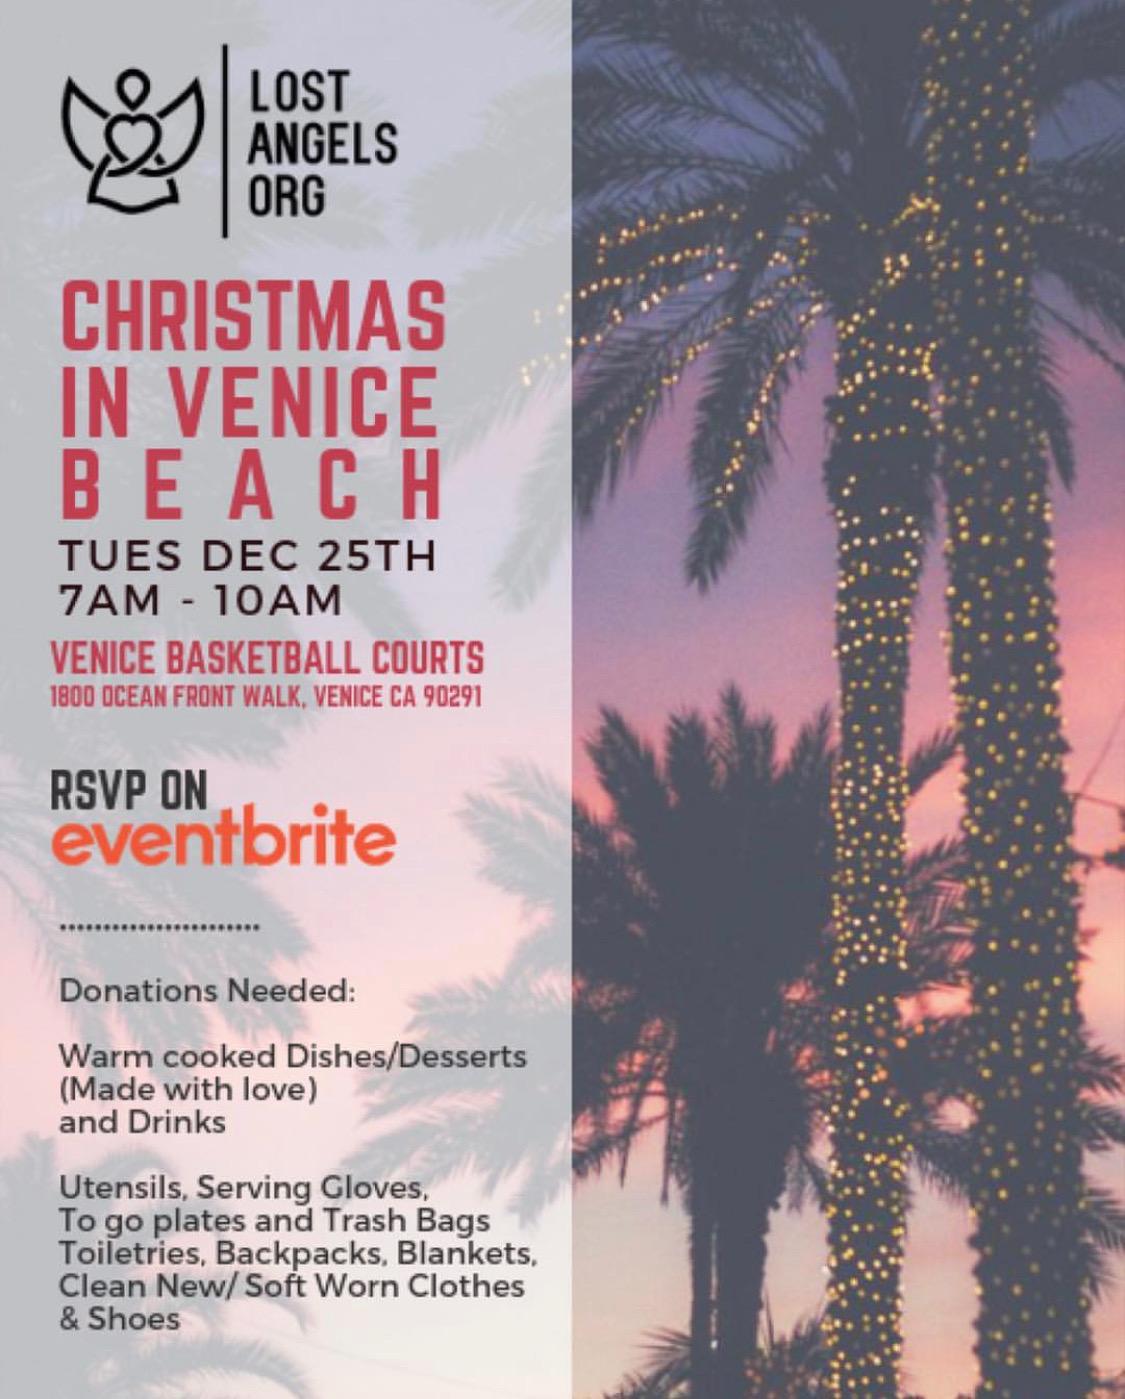 Christmas in Venice Beach